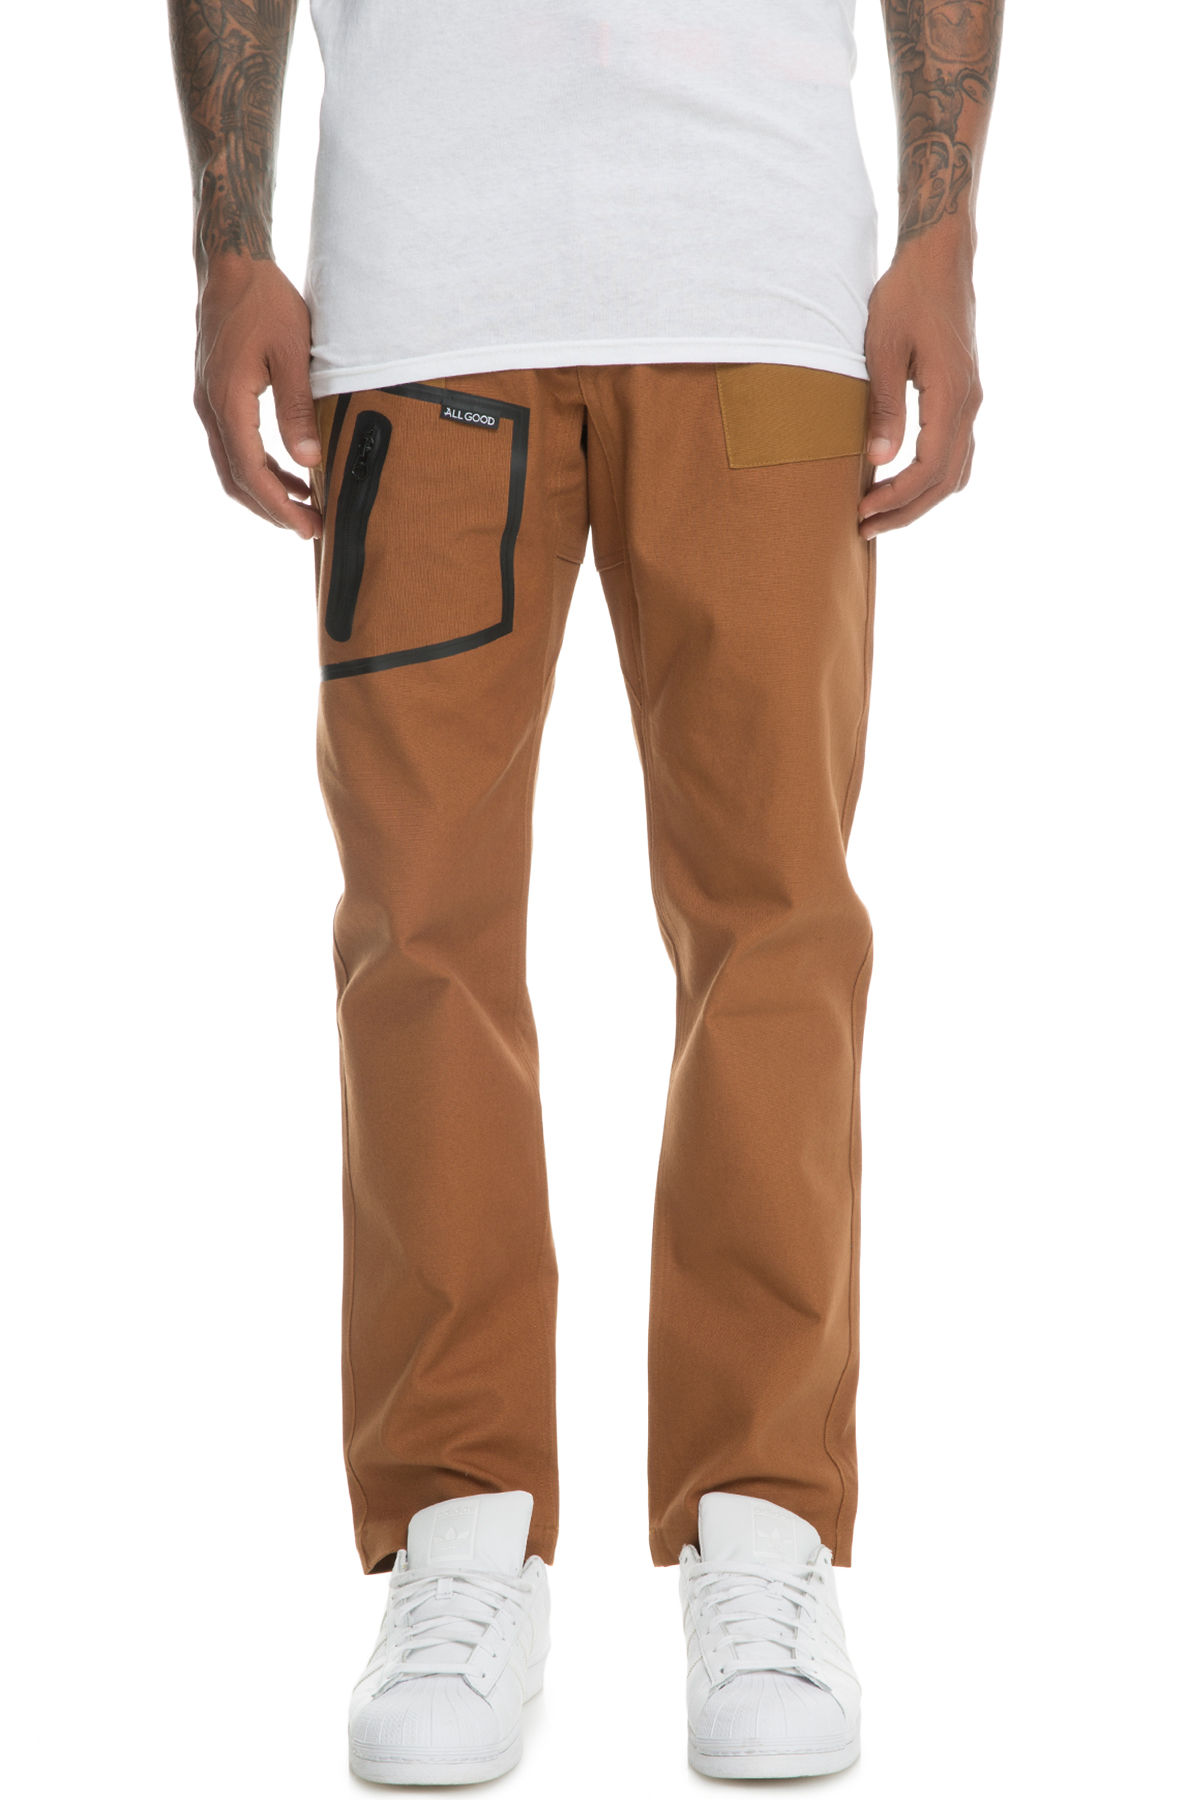 Image of The Cedar Pants in Brown